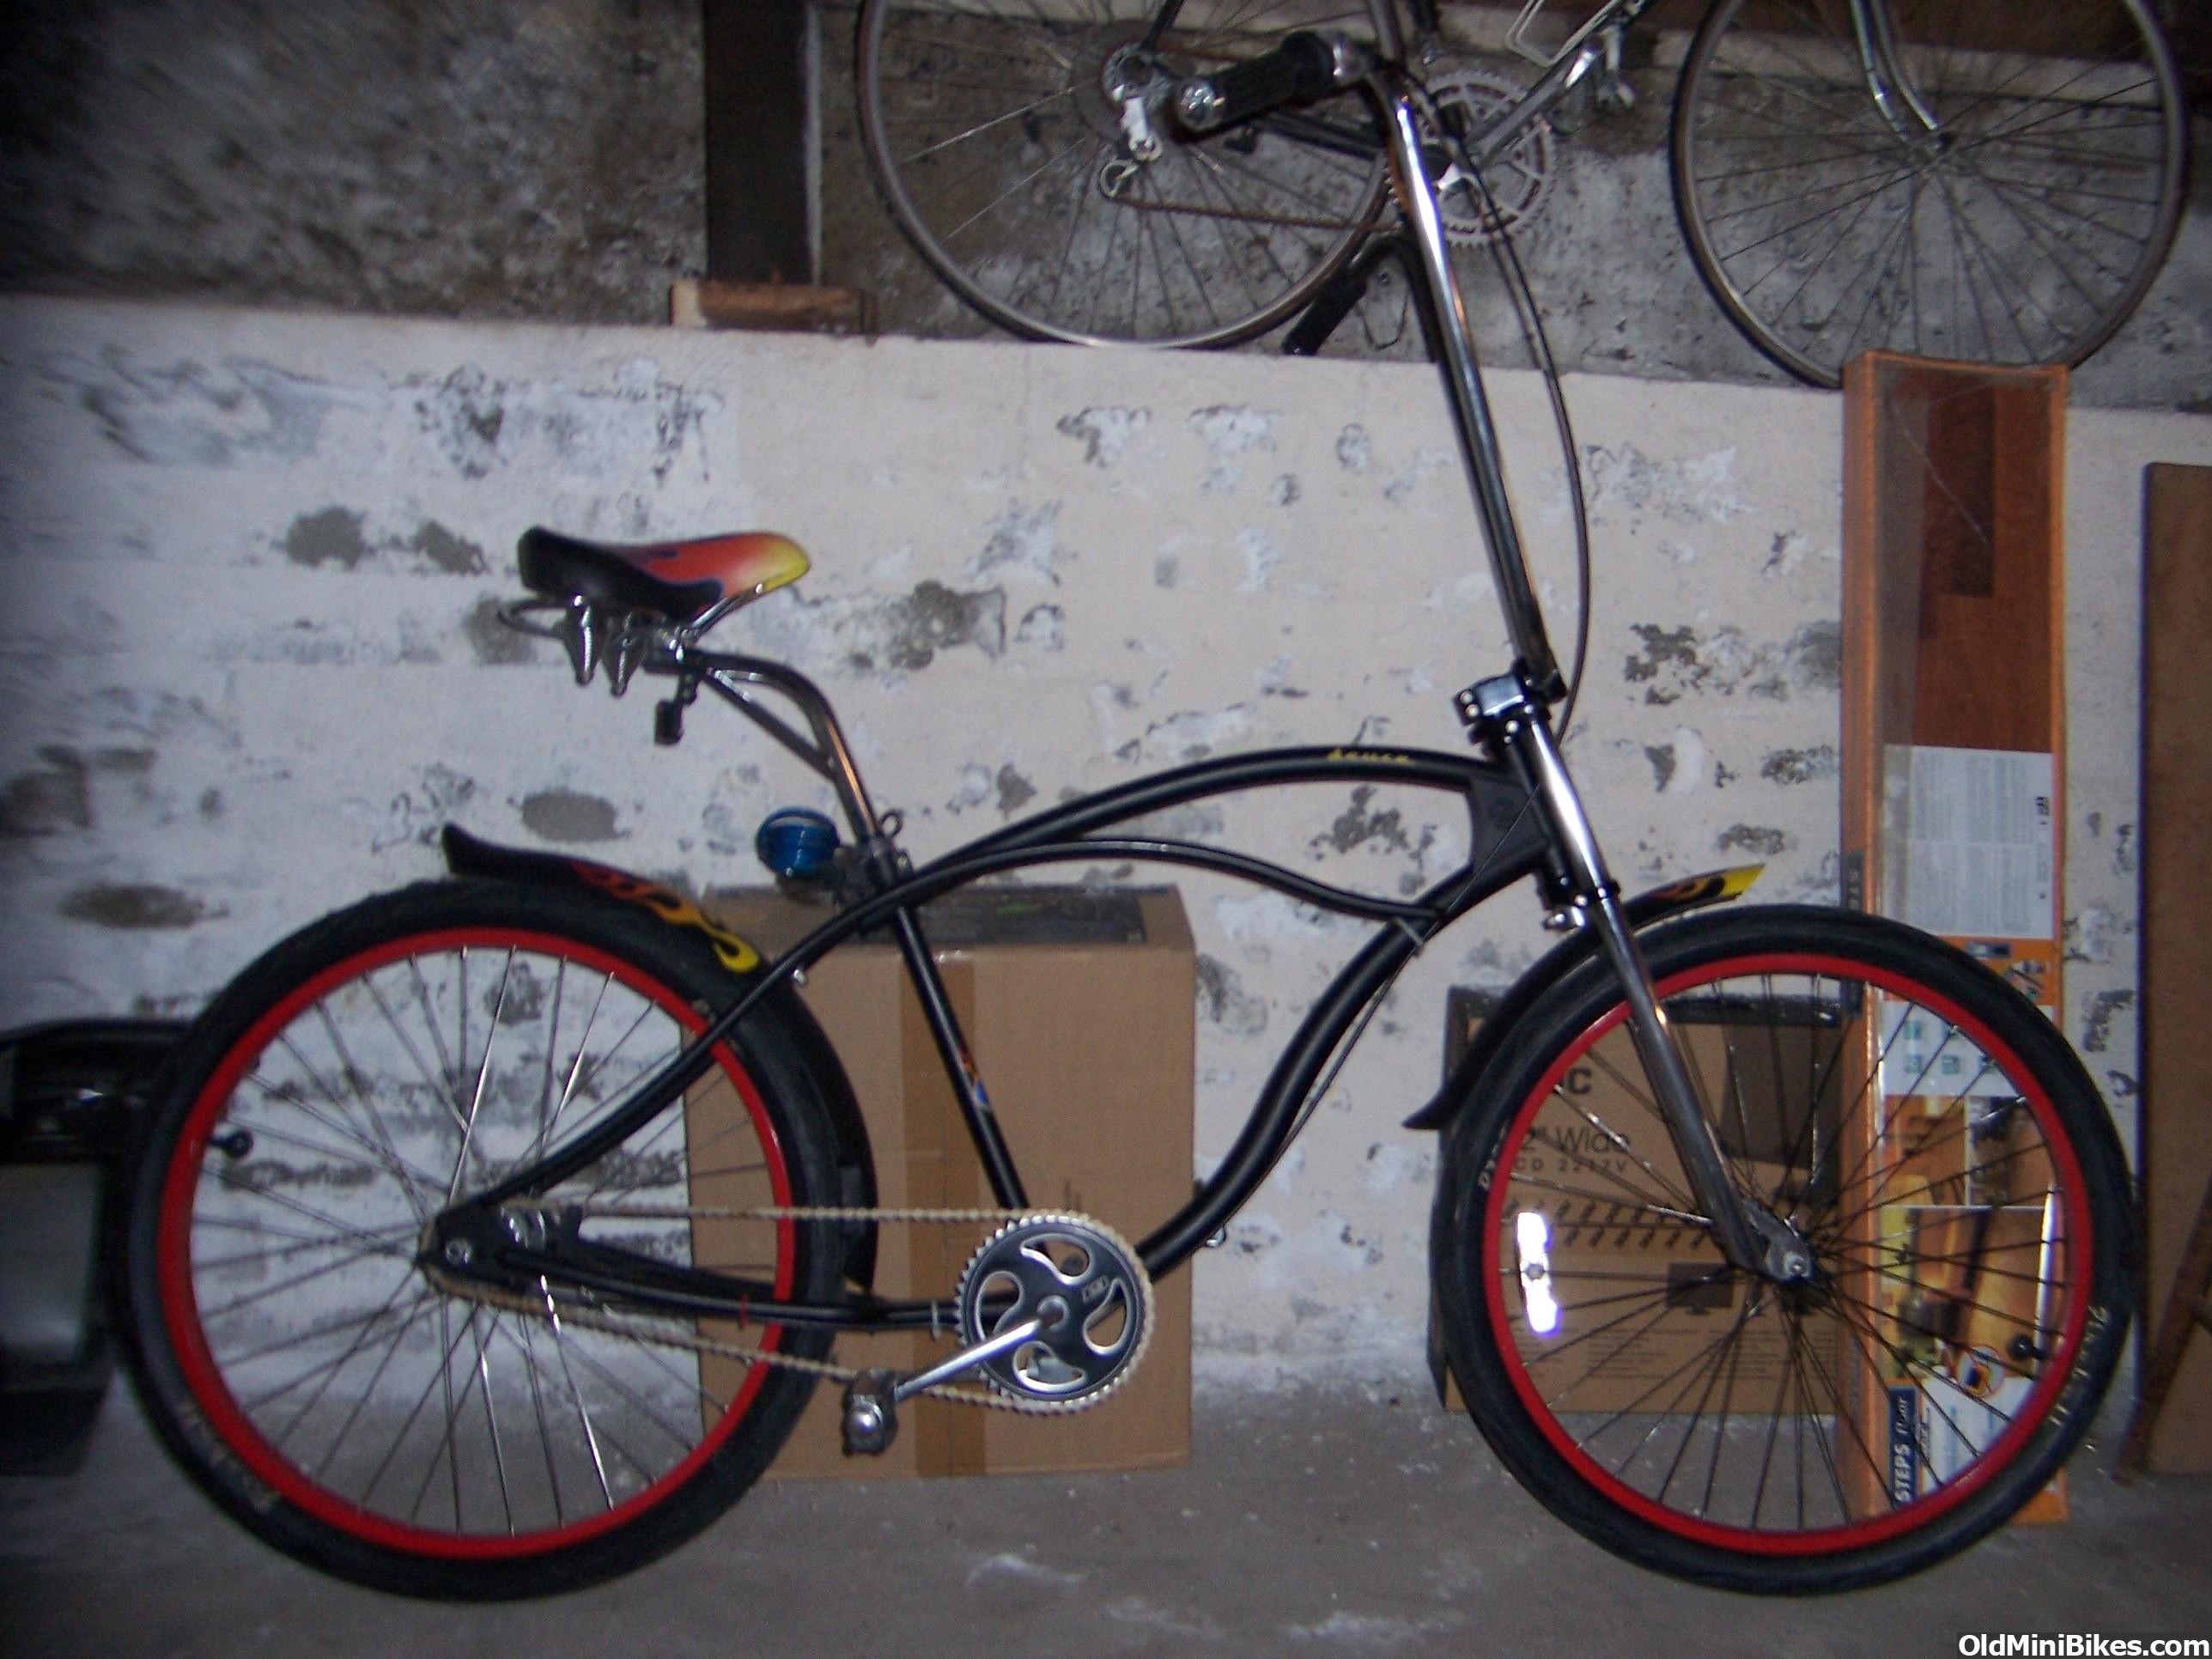 Bikes Gt Dyno Deuce Original GT Dyno Deuce with a